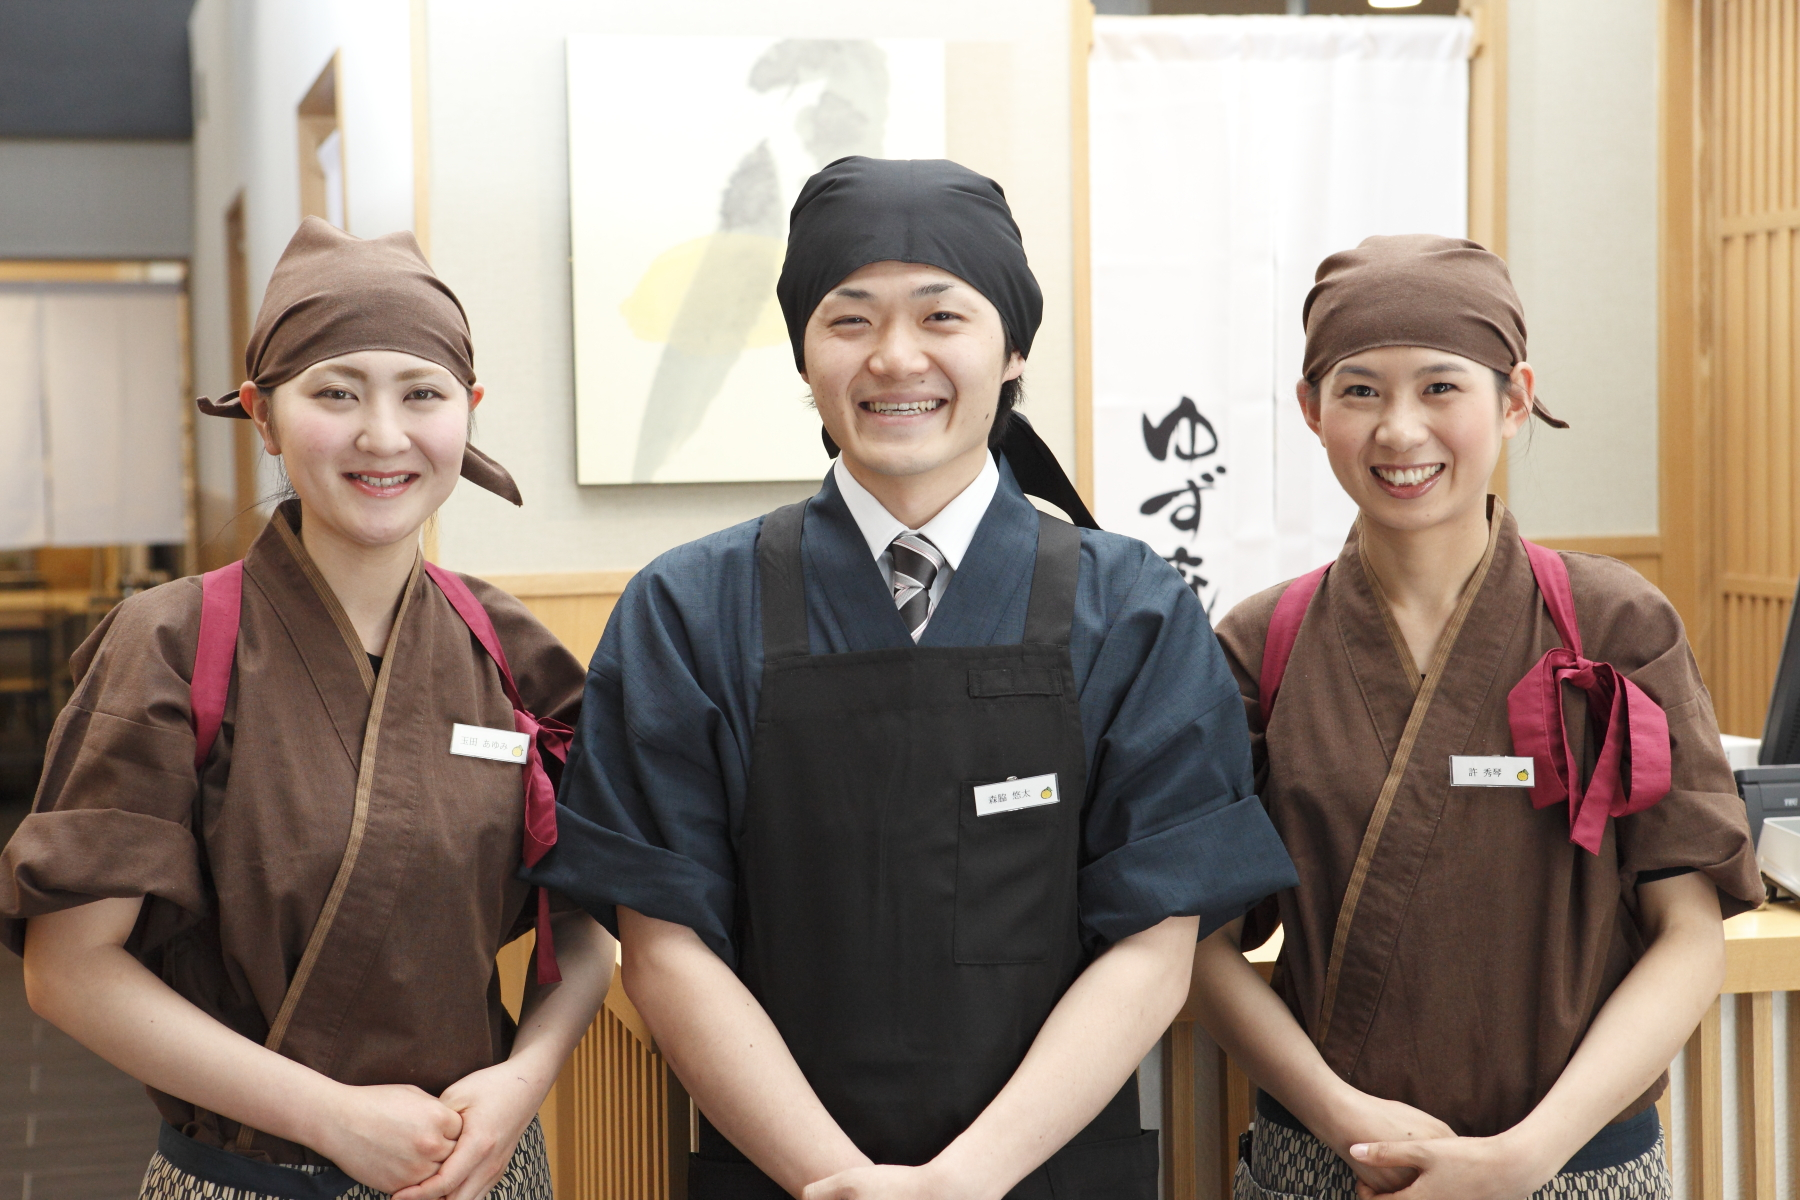 【オープニングスタッフ募集】年間休日107日 ゆず庵の店長候補 オープニングスタッフ